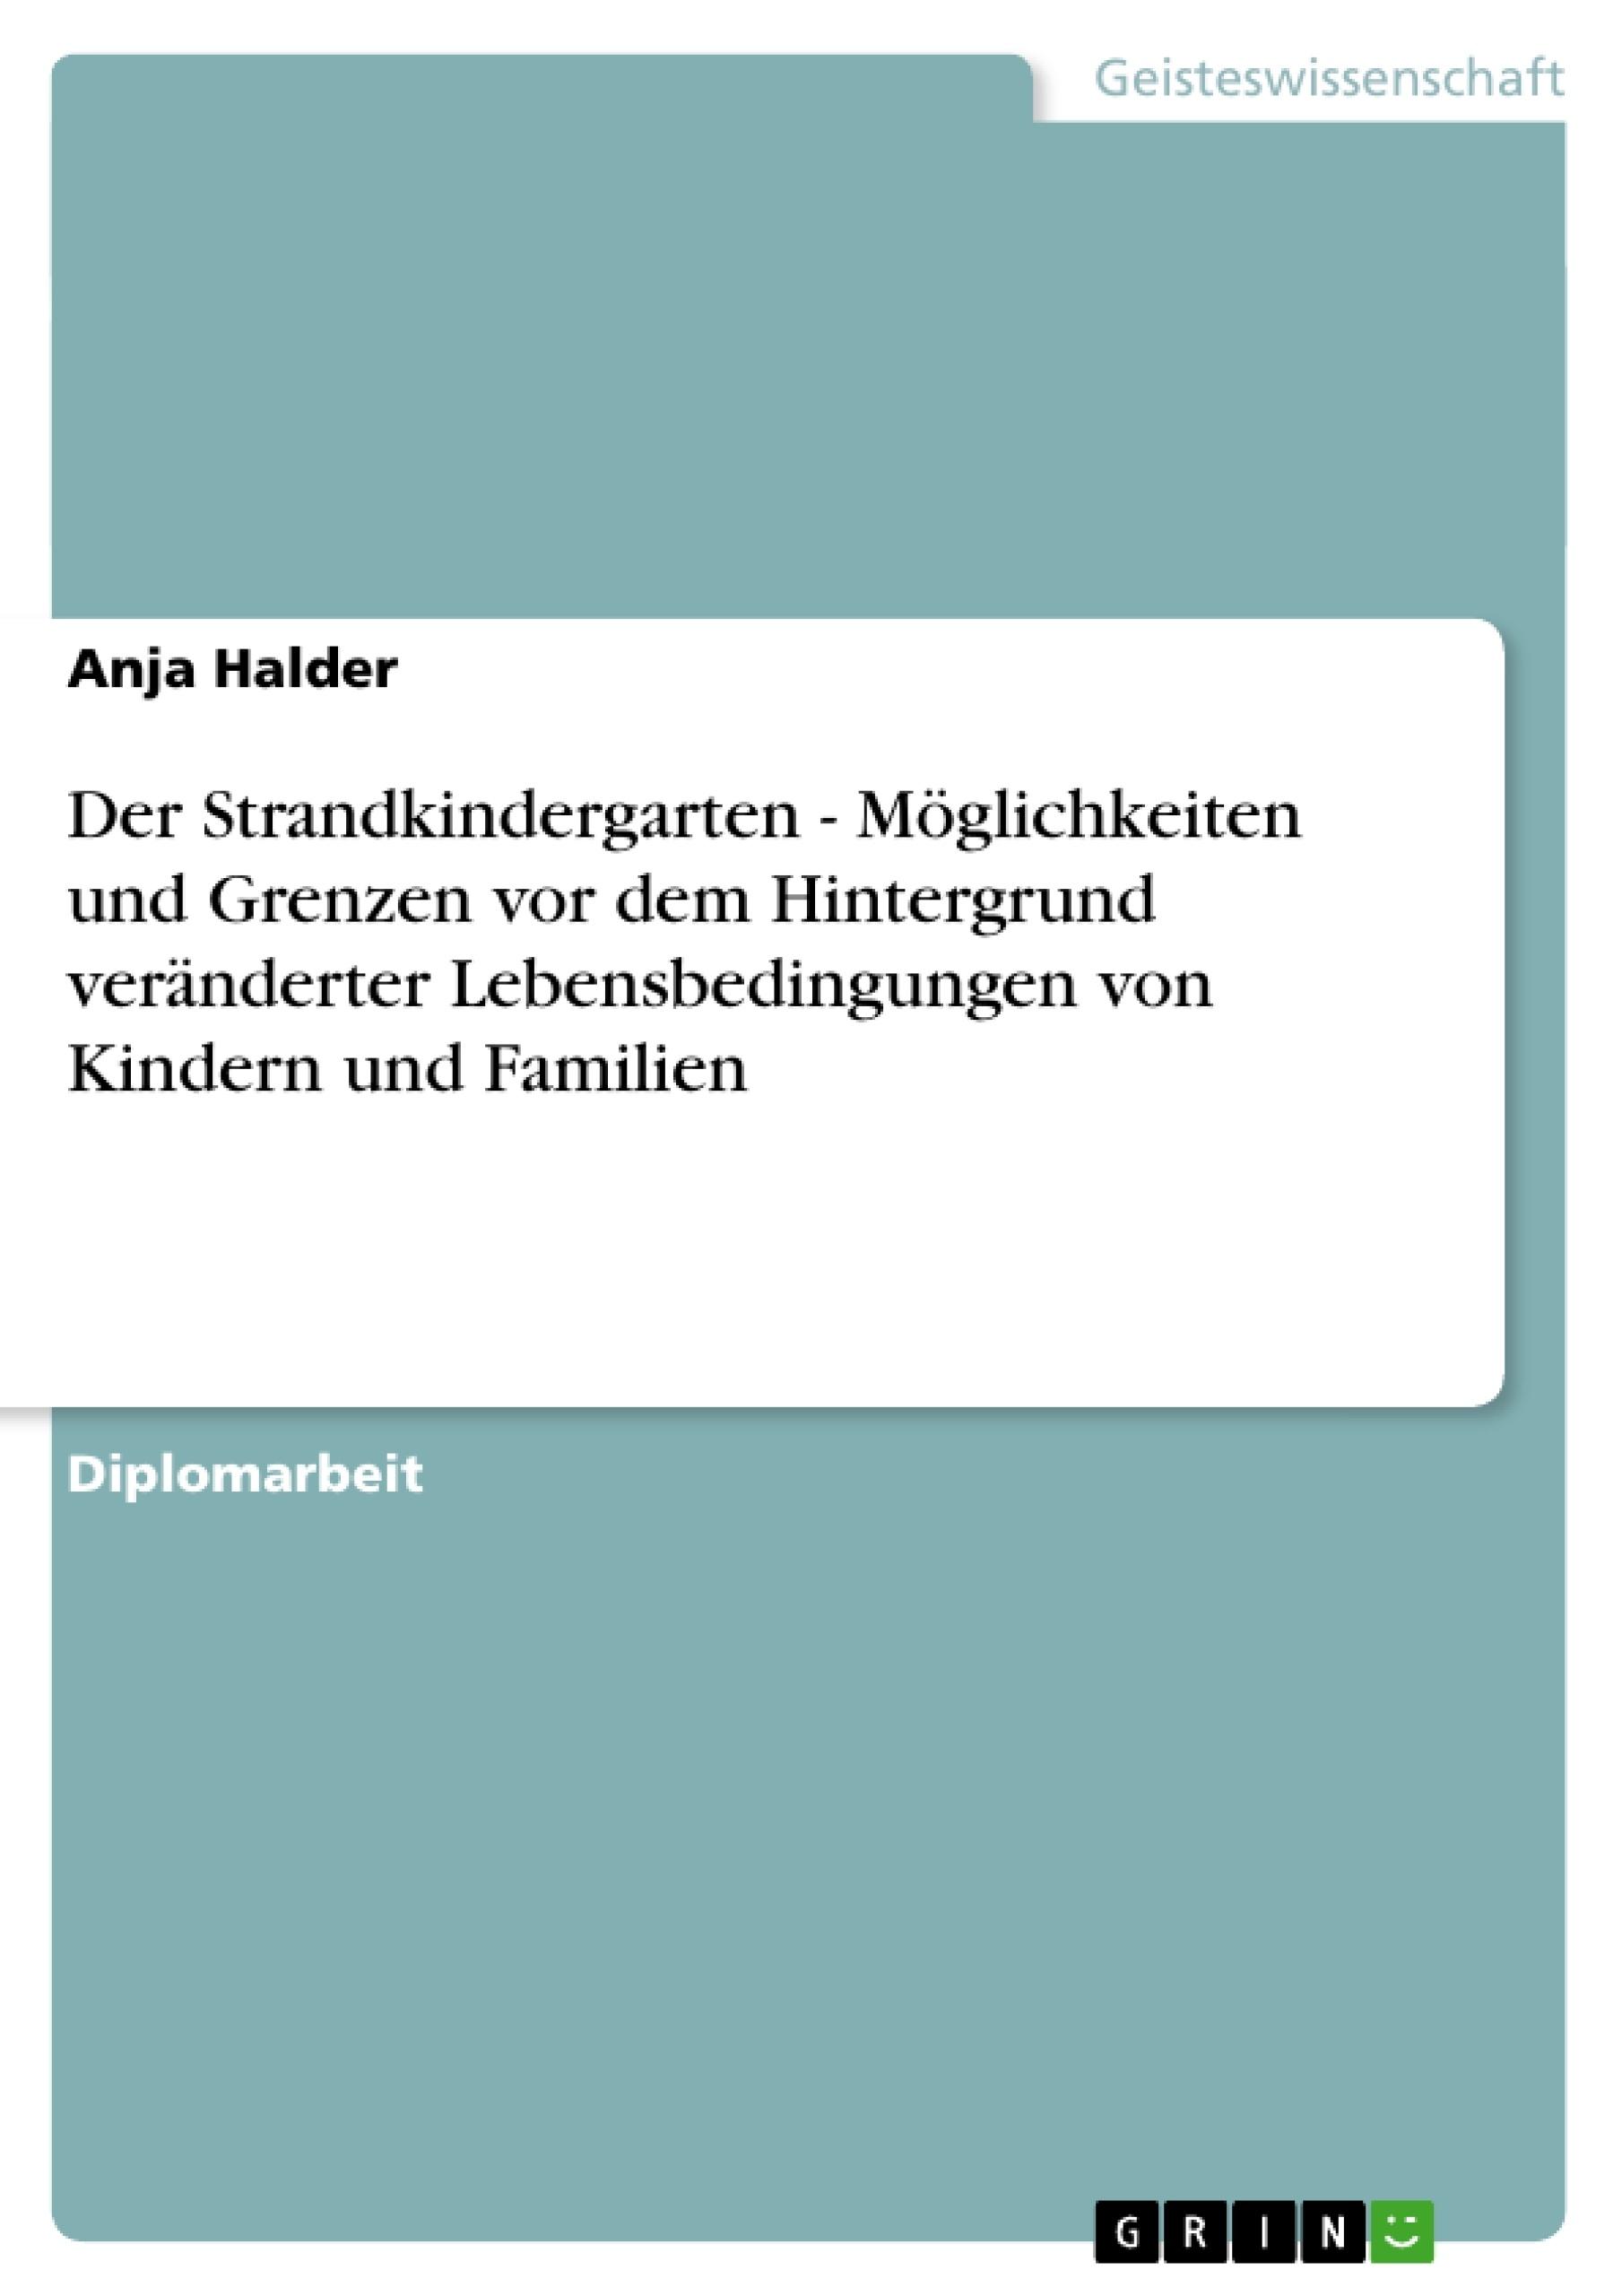 Titel: Der Strandkindergarten - Möglichkeiten und Grenzen vor dem Hintergrund veränderter Lebensbedingungen von Kindern und Familien